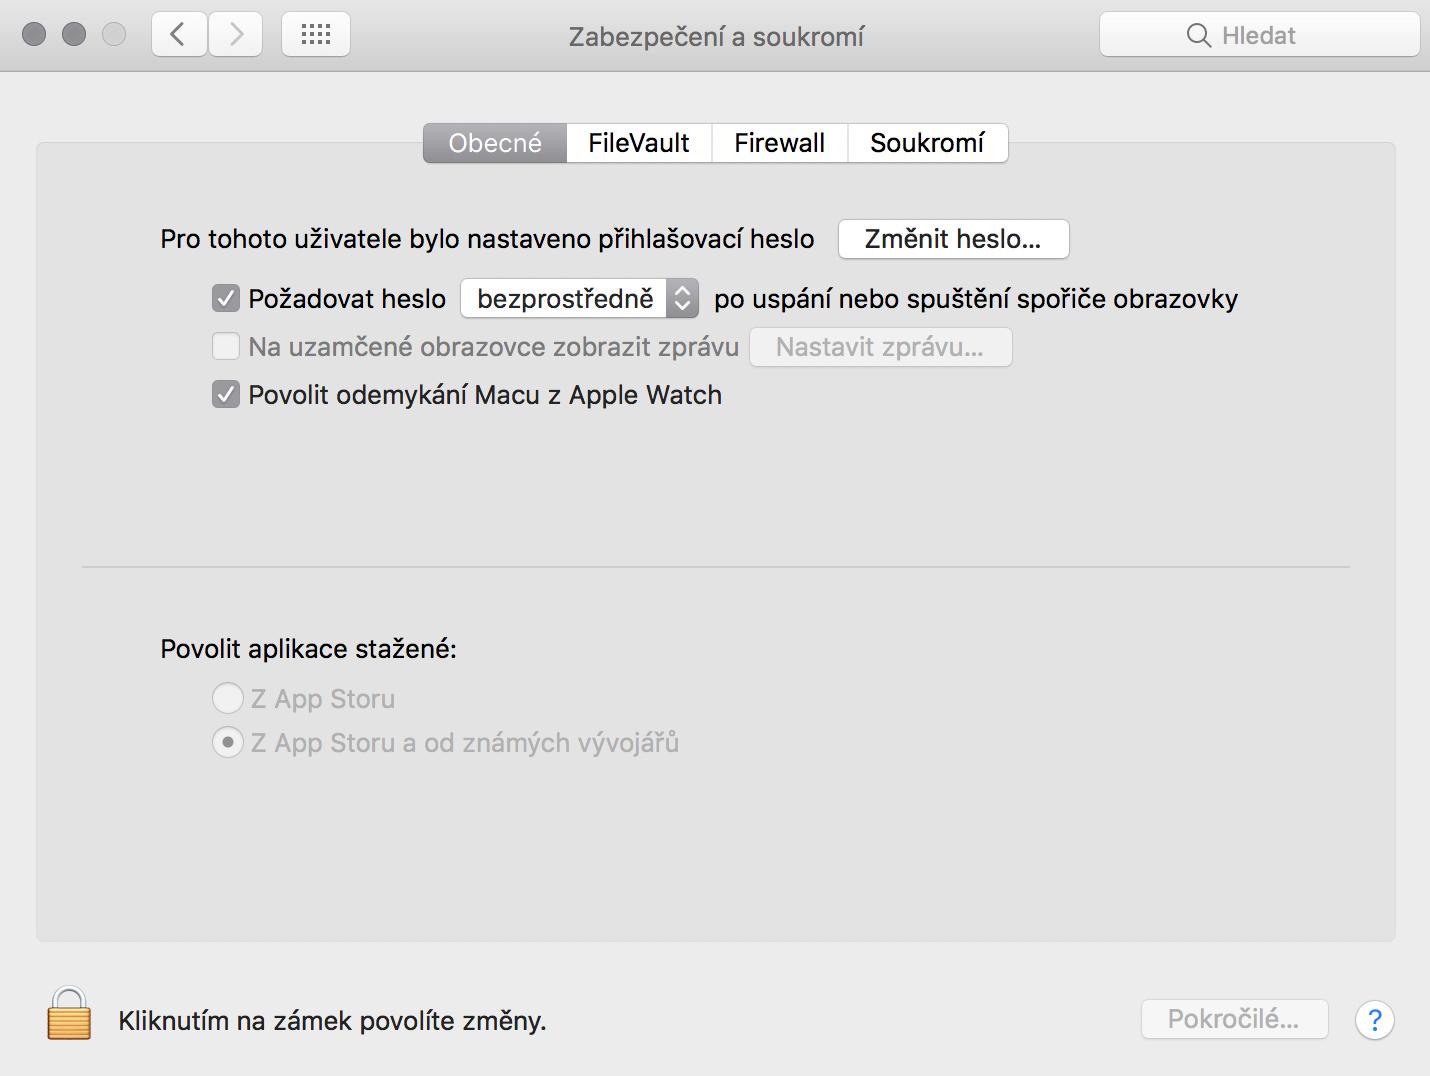 Odemykání Macu pomocí AppleWatch